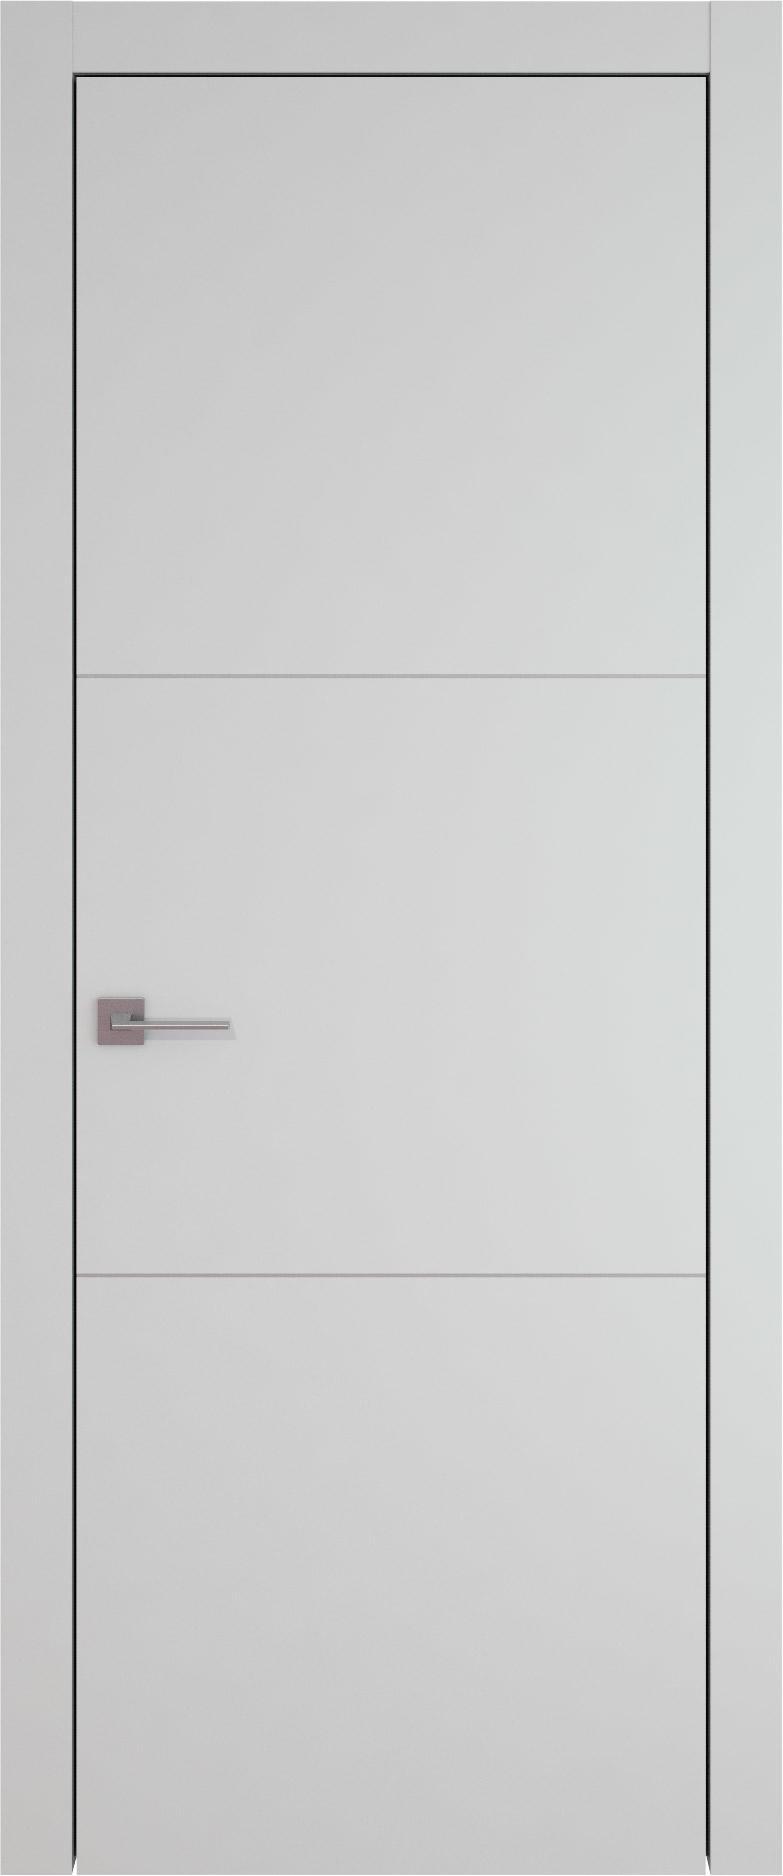 Tivoli В-3 цвет - Серая эмаль (RAL 7047) Без стекла (ДГ)